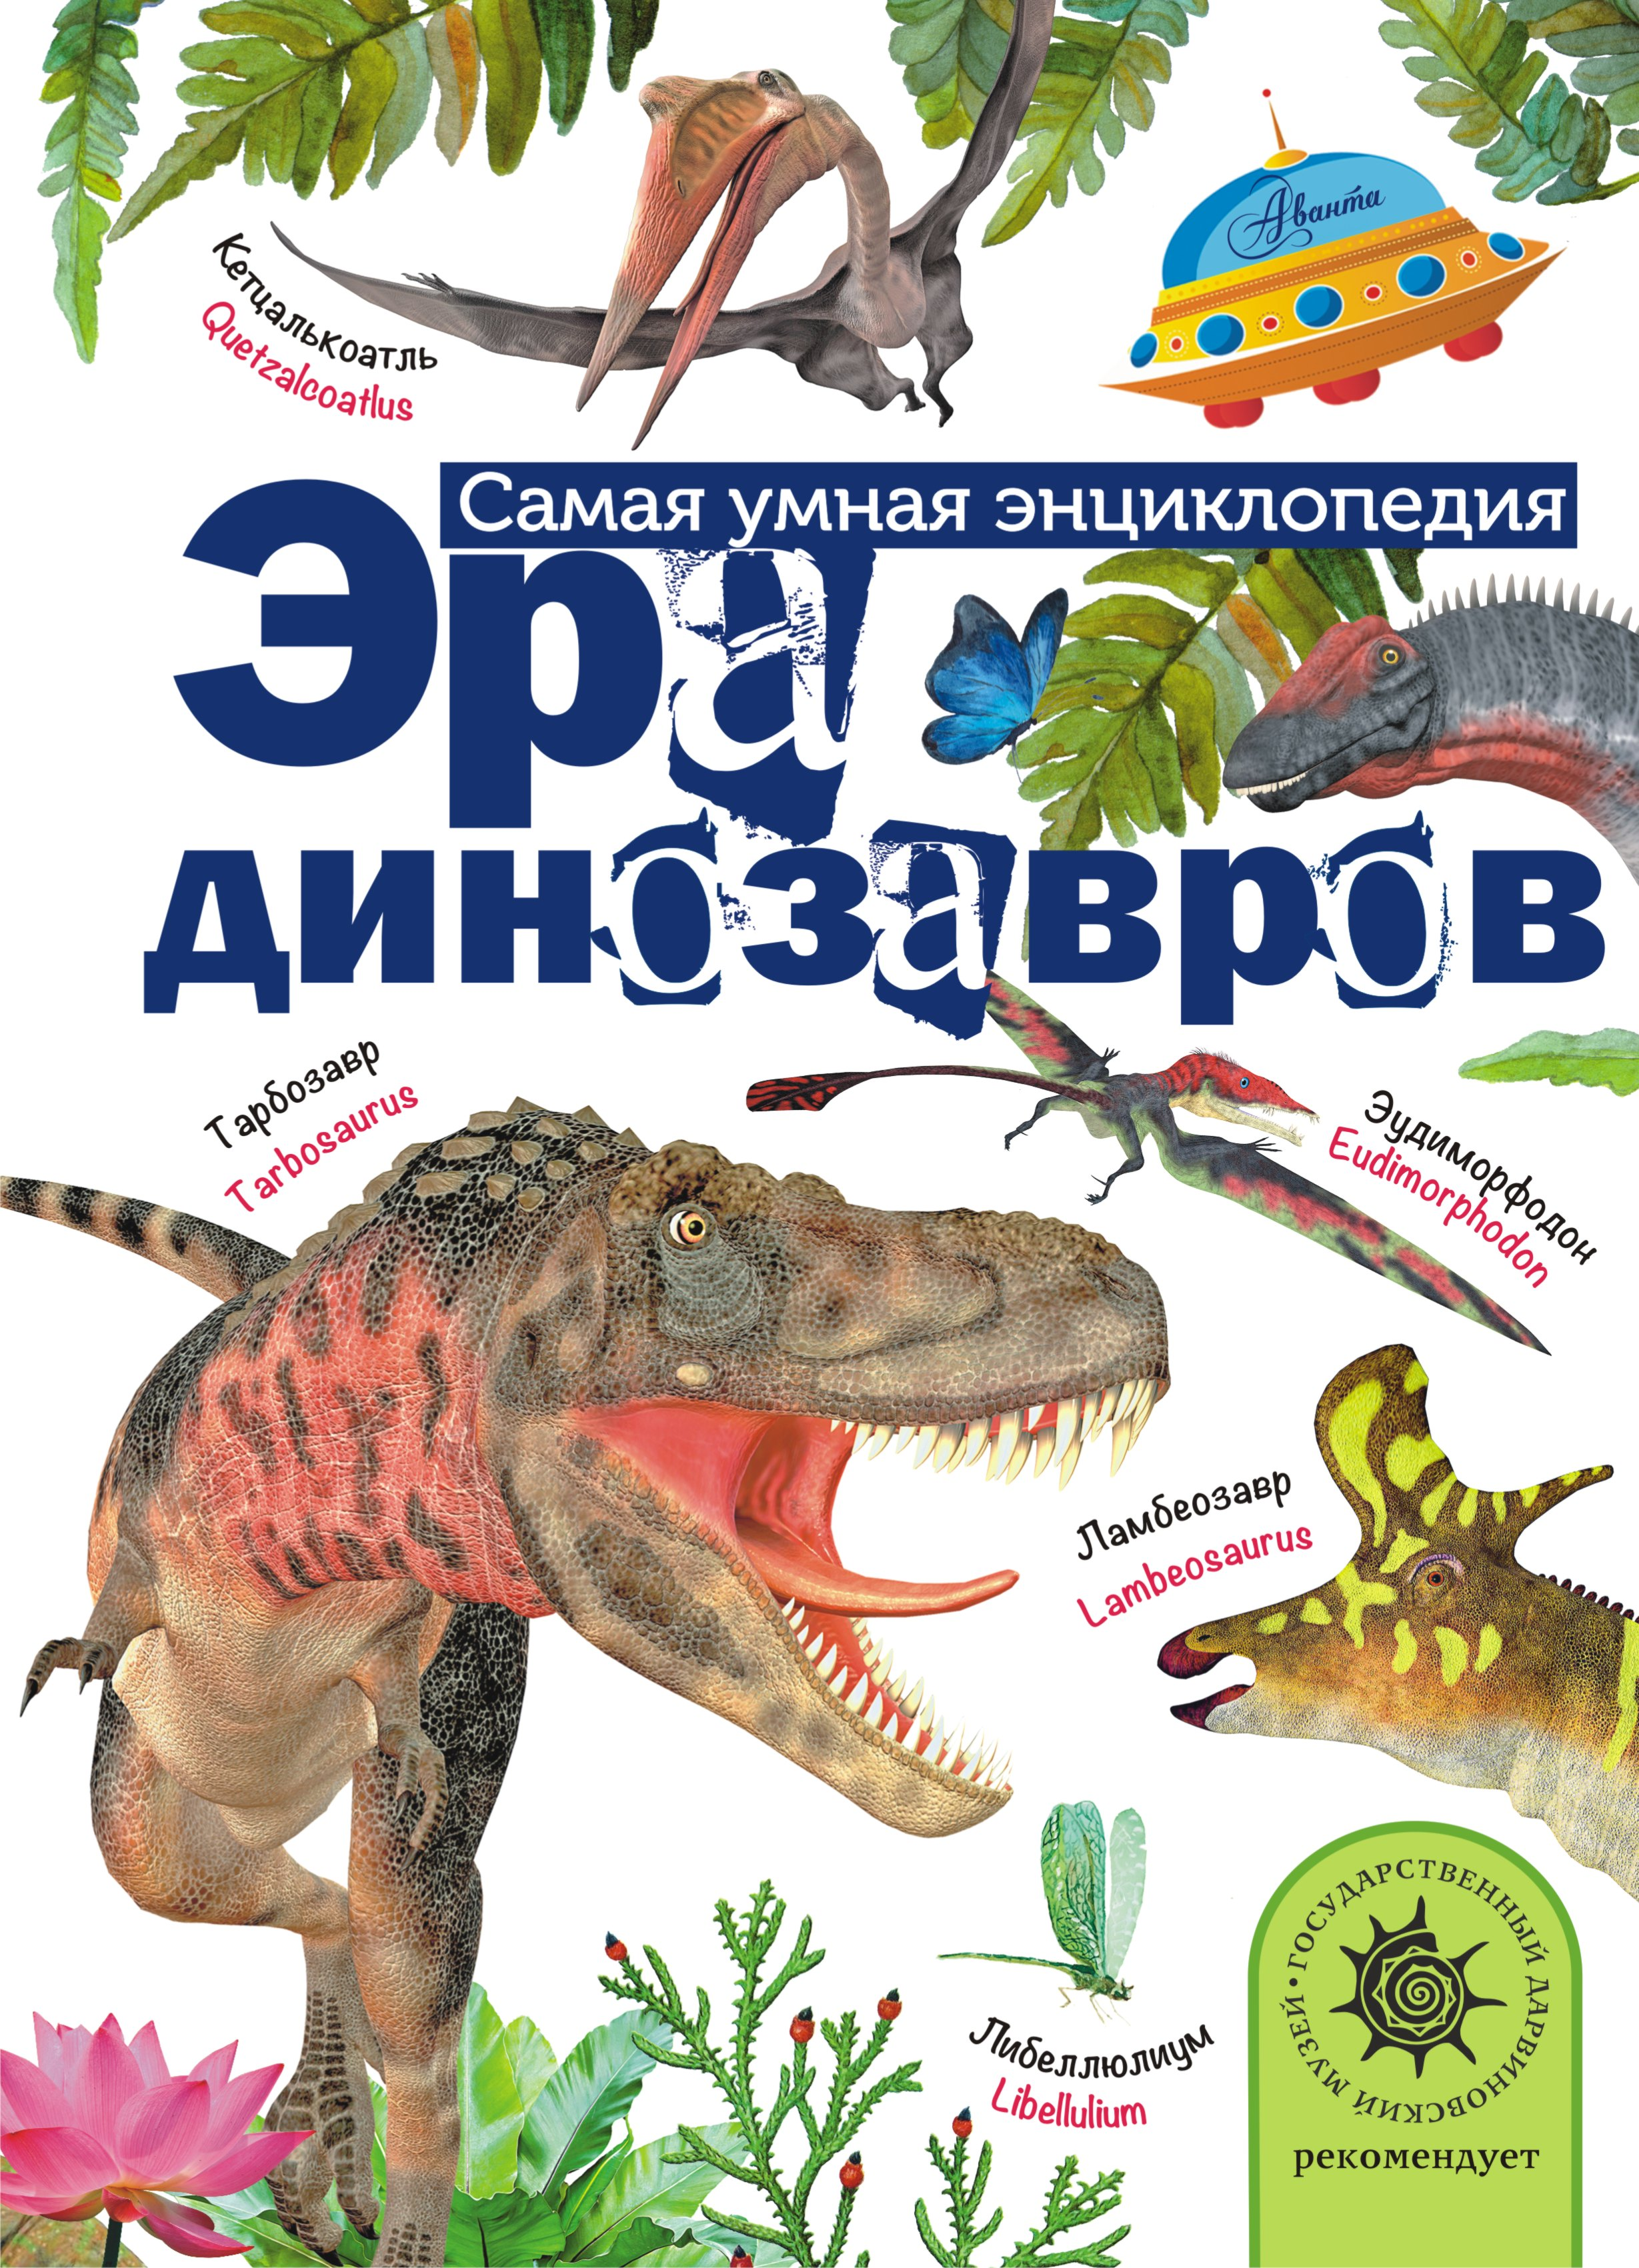 Тихонов А.В. Эра динозавров